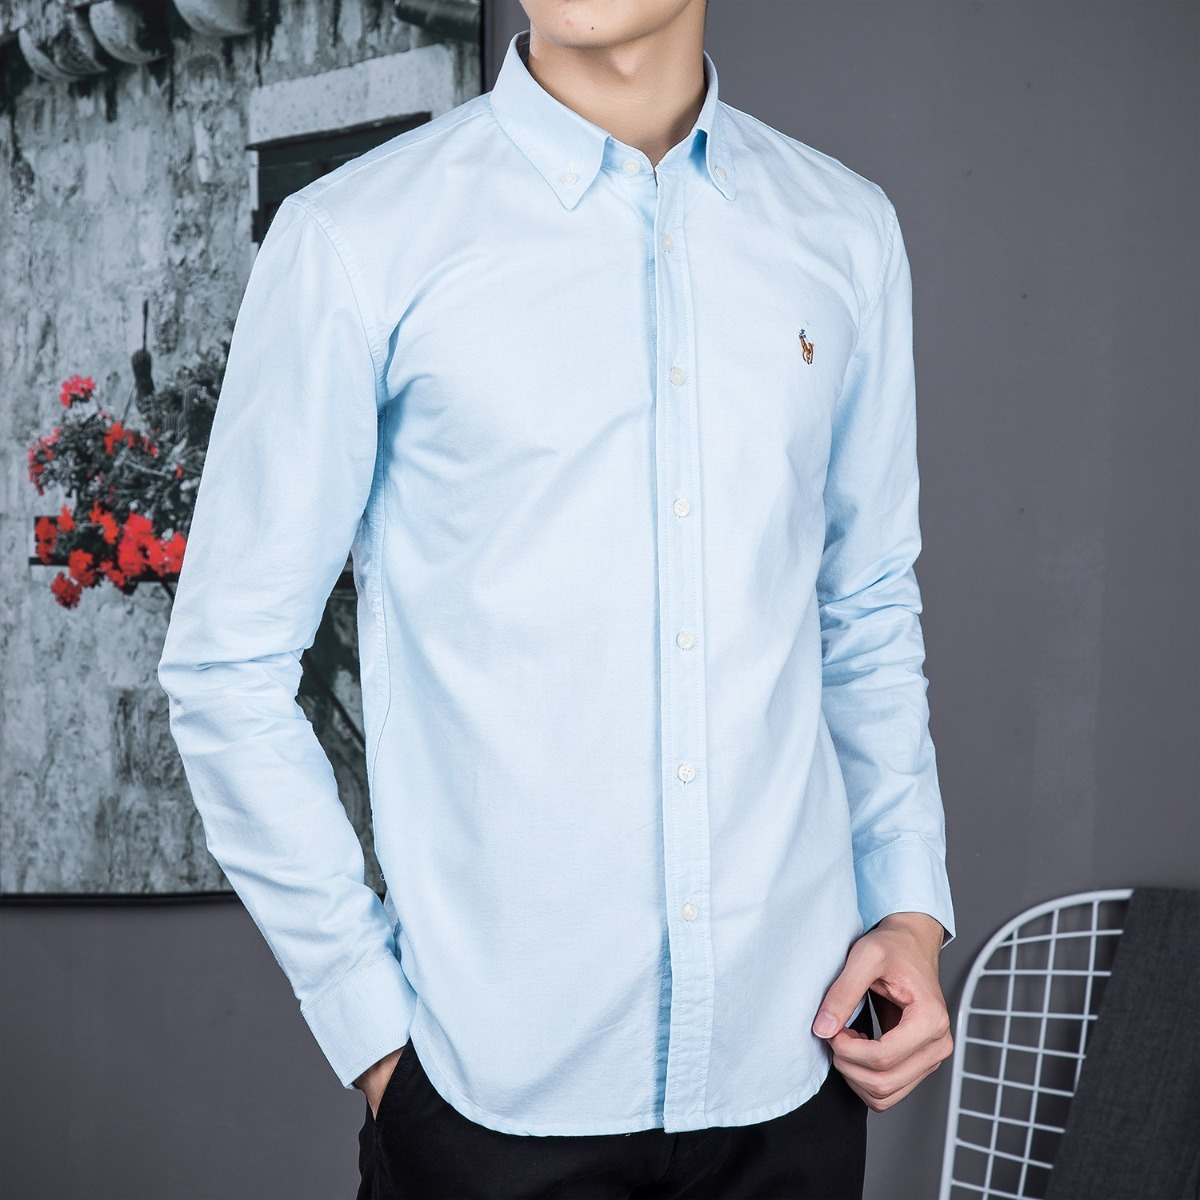 camisa polo ralph lauren masculina azul claro pronta entrega. Carregando  zoom. a1c851fc9e0